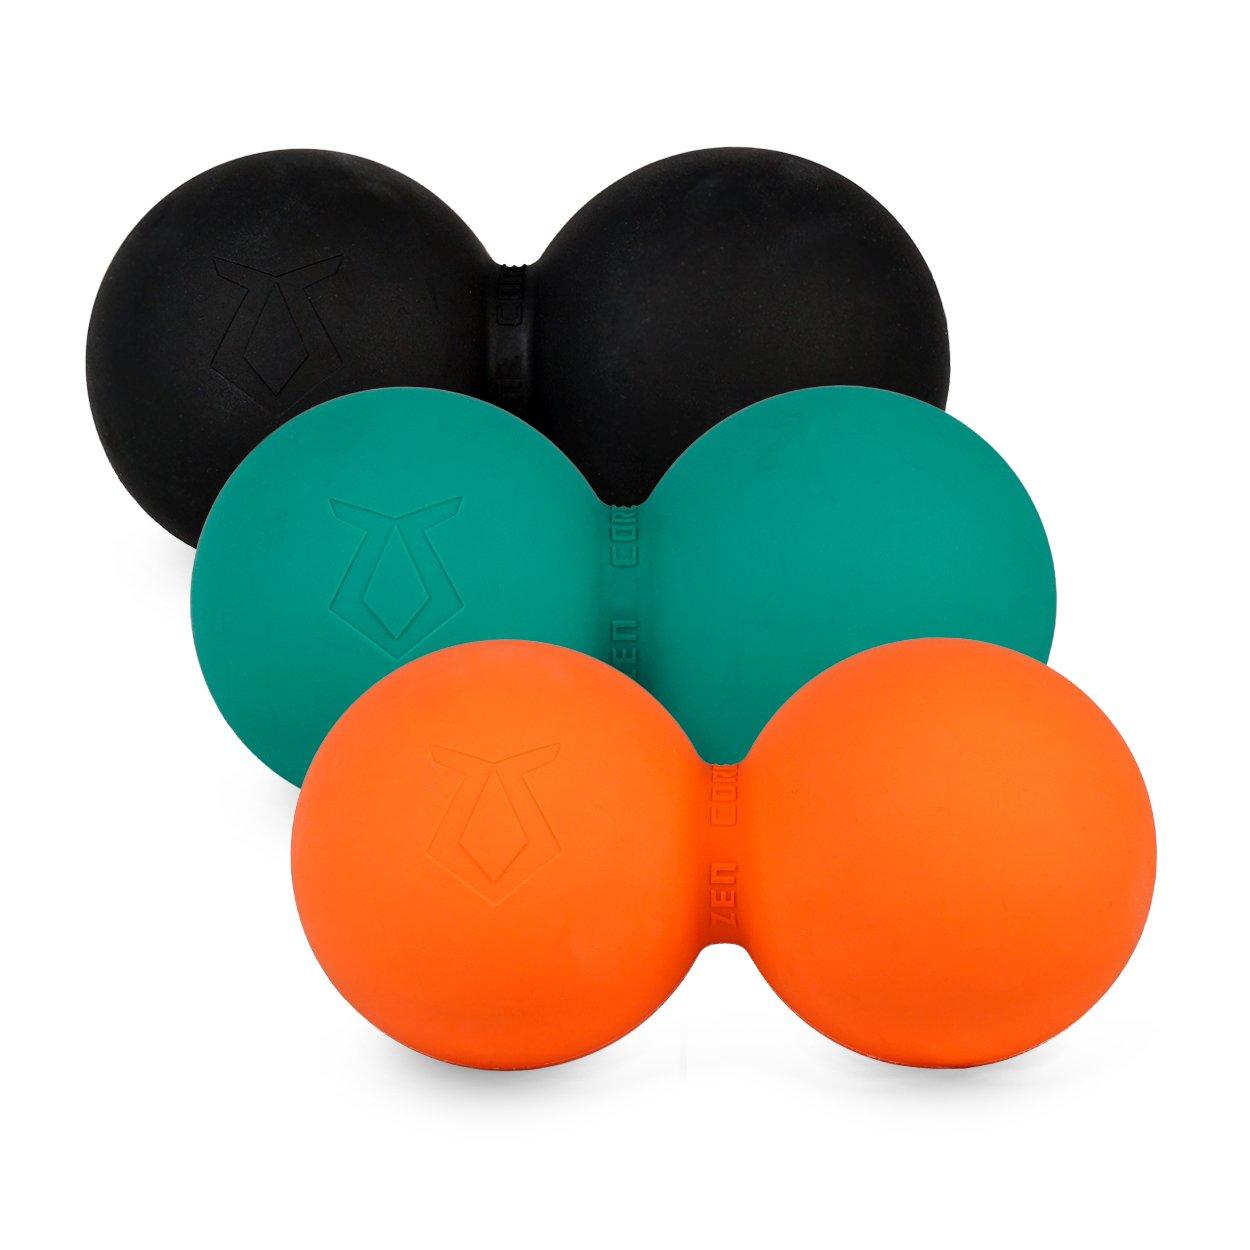 Zen Core Massage Duoball Original - Twinball Faszienrolle im 3er-Pack in Schwarz, Türkis, Orange aus Lacrosseball Hartgummi, Größe einzeln 13 x 6 cm für Triggerpunkt- & Faszienmassage Türkis